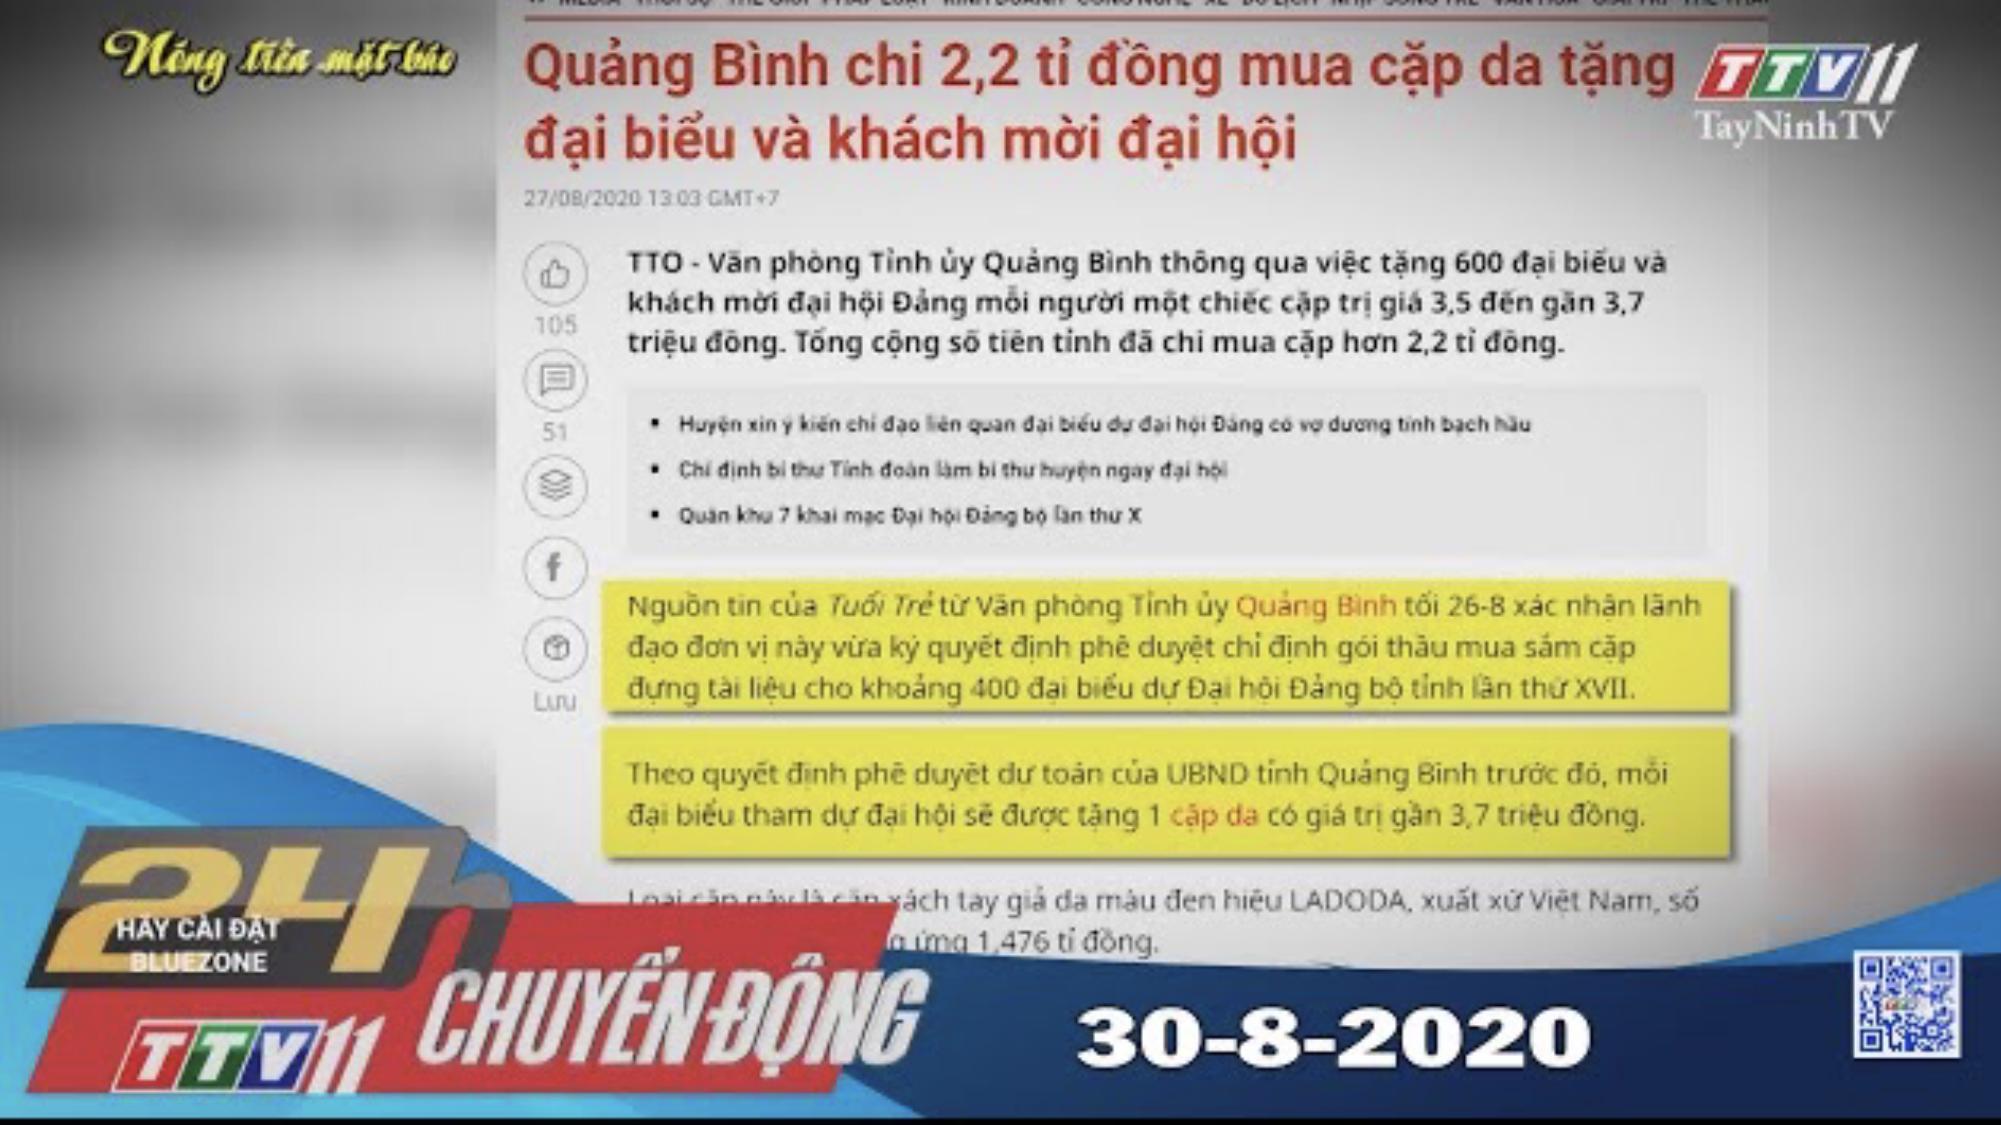 24h Chuyển động 30-8-2020 | Tin tức hôm nay | TayNinhTV